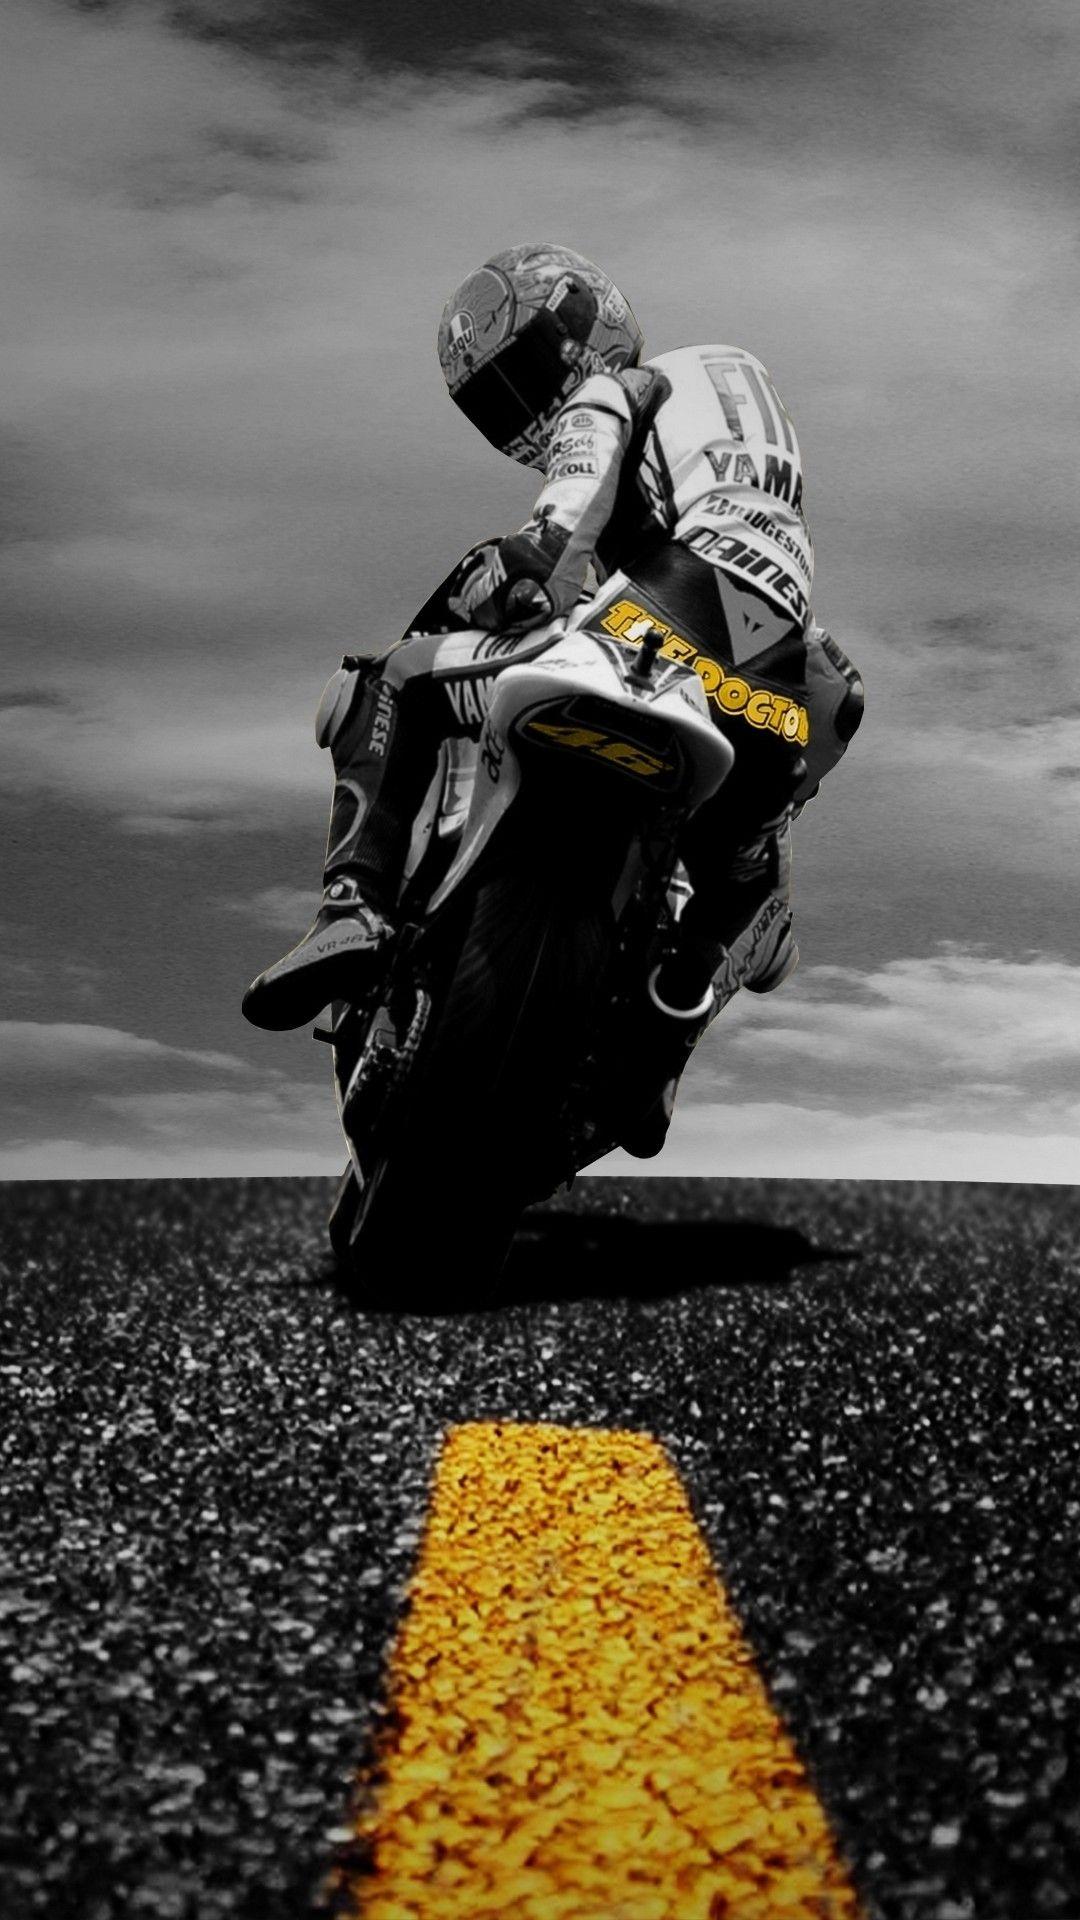 Hình nền xe moto cho điện thoại